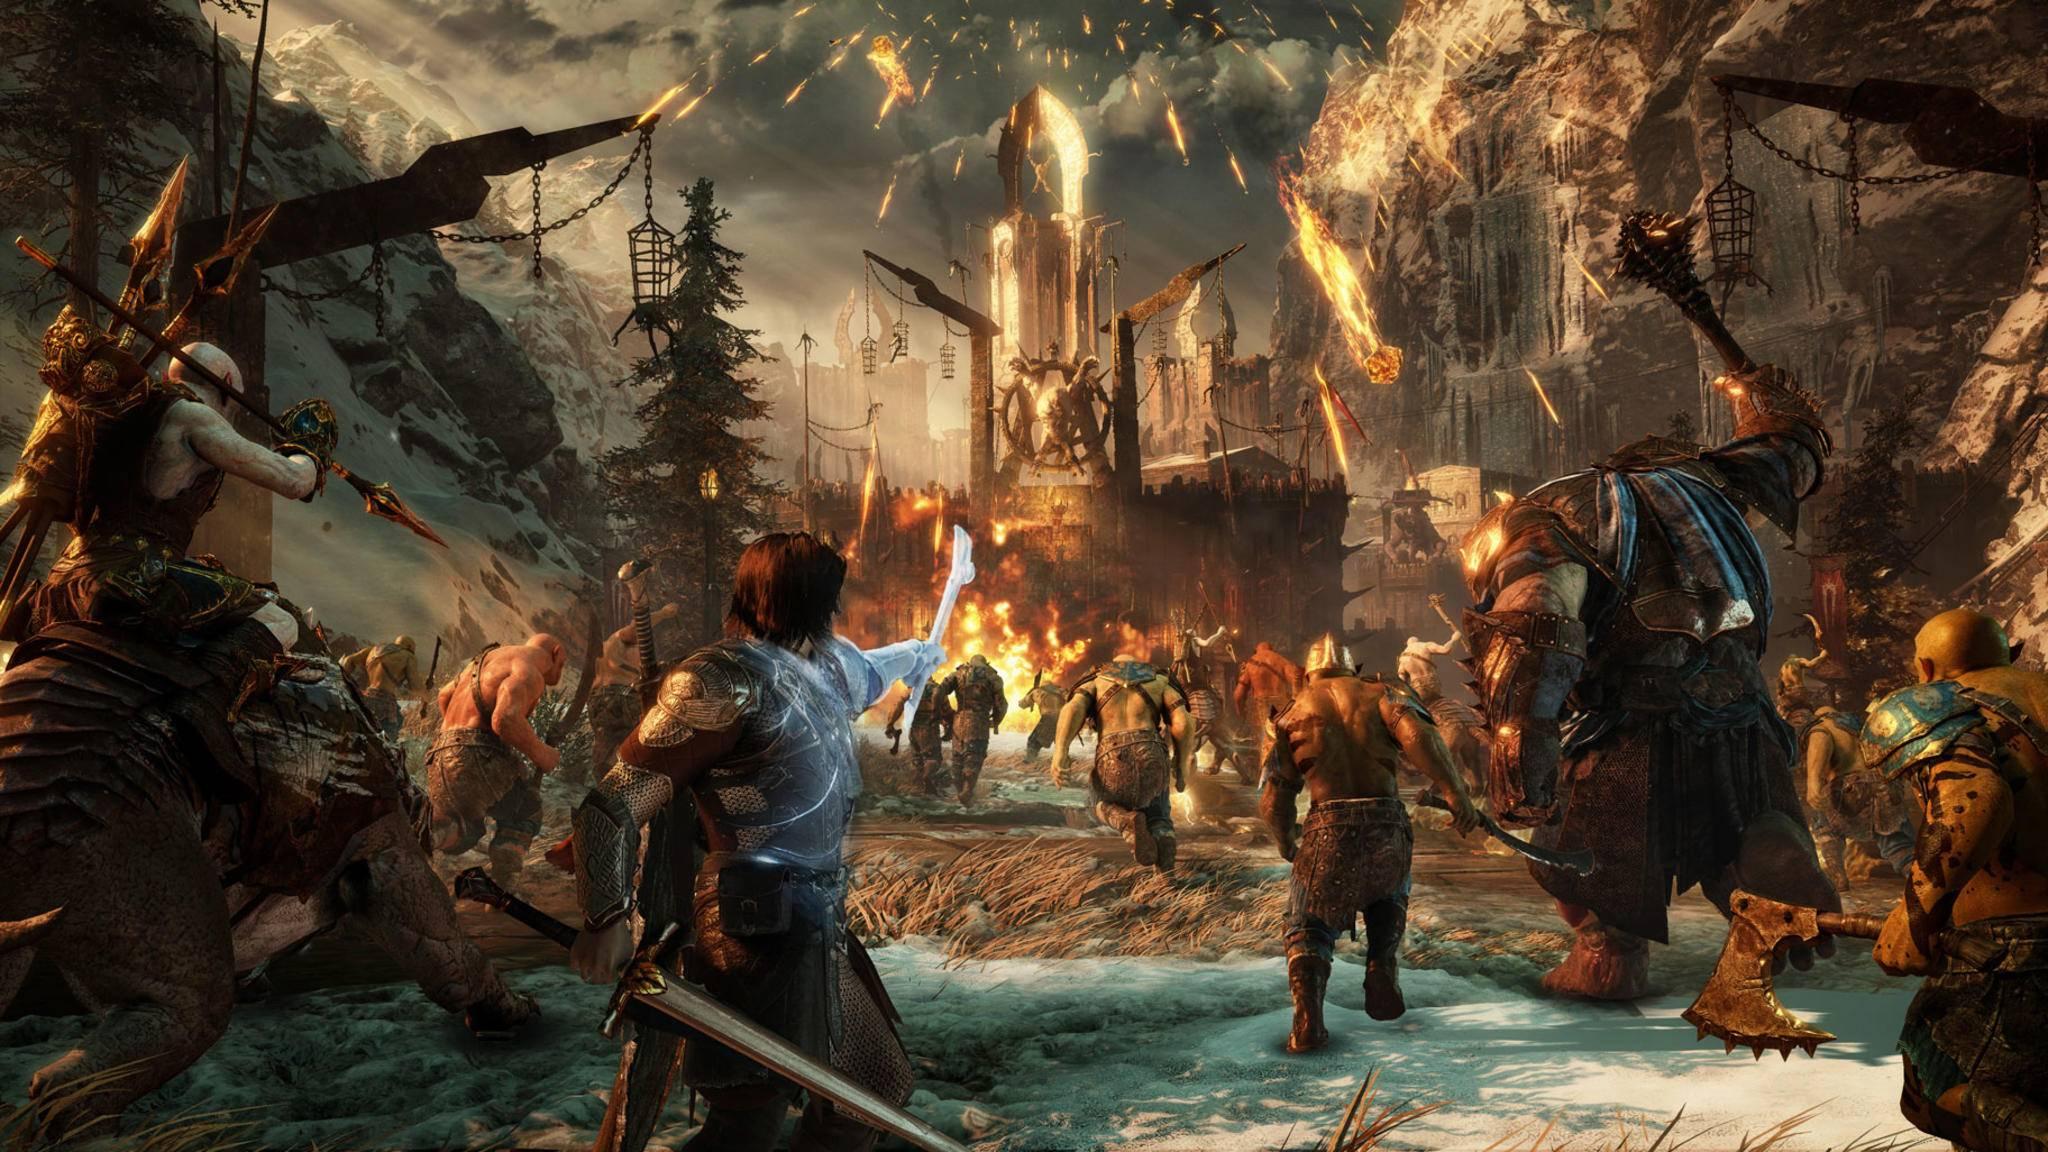 Wer in Mittelerde reich werden will, tut gut daran, eine gut gepflegte Ork-Armee zu unterhalten.